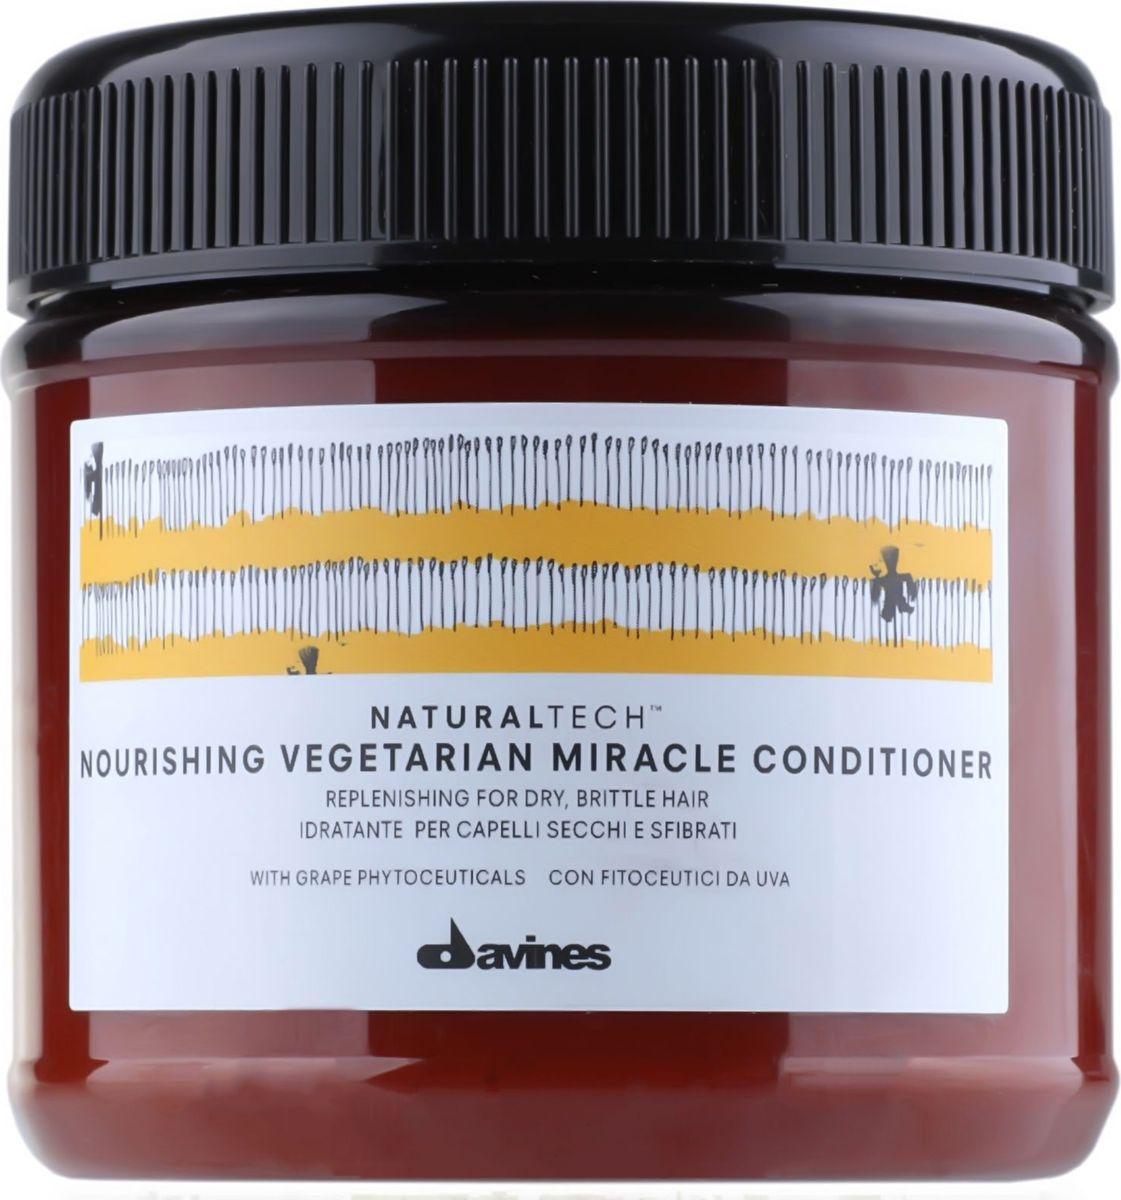 Davines Питательный кондиционер Вегетарианское чудо New Natural Tech Nourishing Vegetarian Miracle Conditioner, 250 мл4627089432322Питательный кондиционер Вегетарианское чудо эффективно увлажняет ломкие и сухие волосы. В нем содержится фитоактив винограда, который богат полифенолами и потому является очень сильным антиоксидантом. Масла риса, асаи и пассифлоры отвечают за процесс кондиционирования и защищают волосы. pH 5,4.